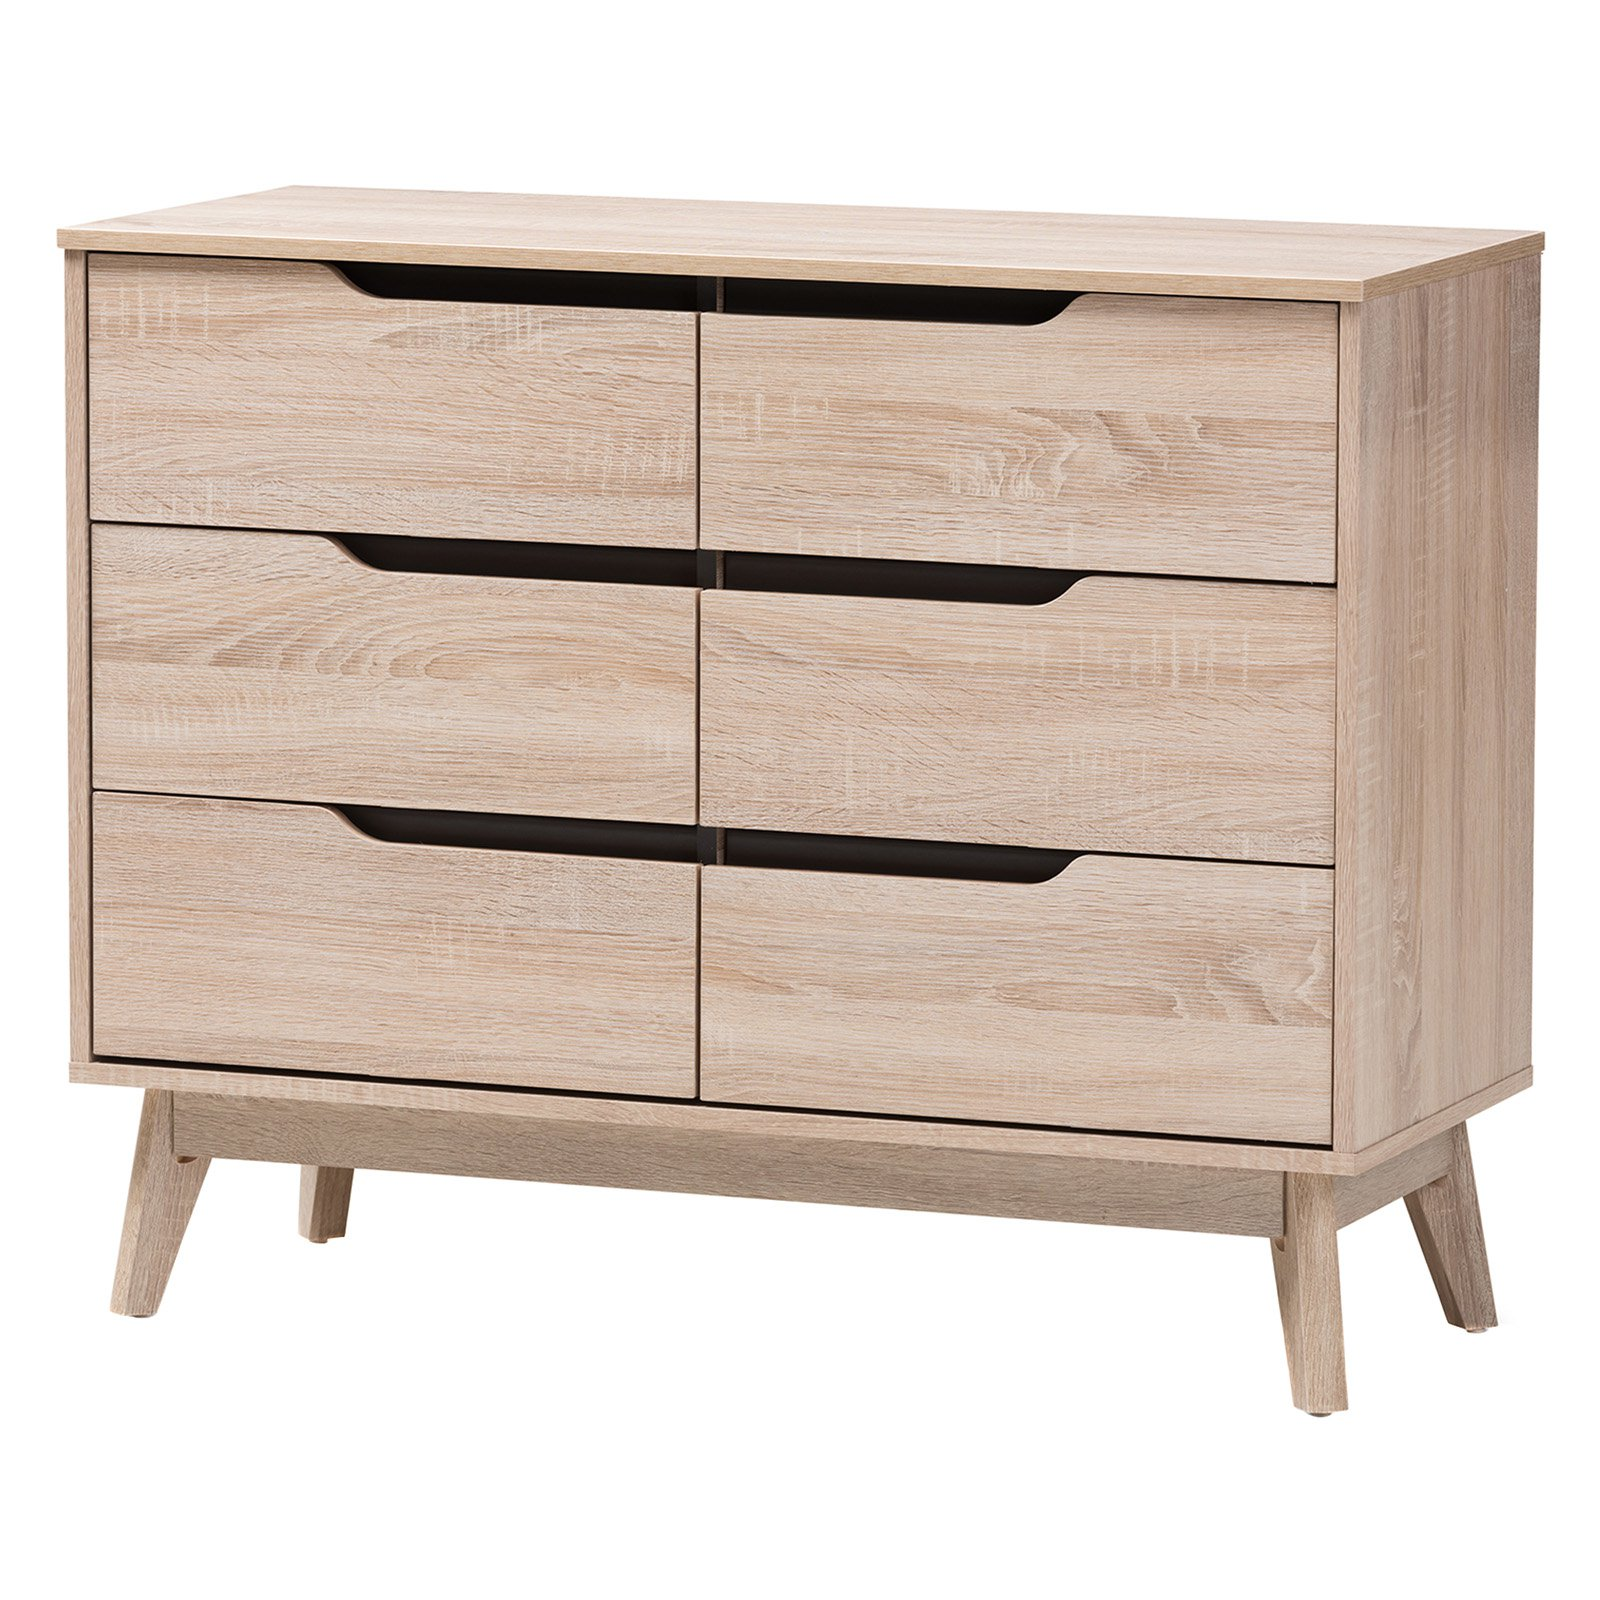 Baxton Studio Fella 6-Drawer Dresser